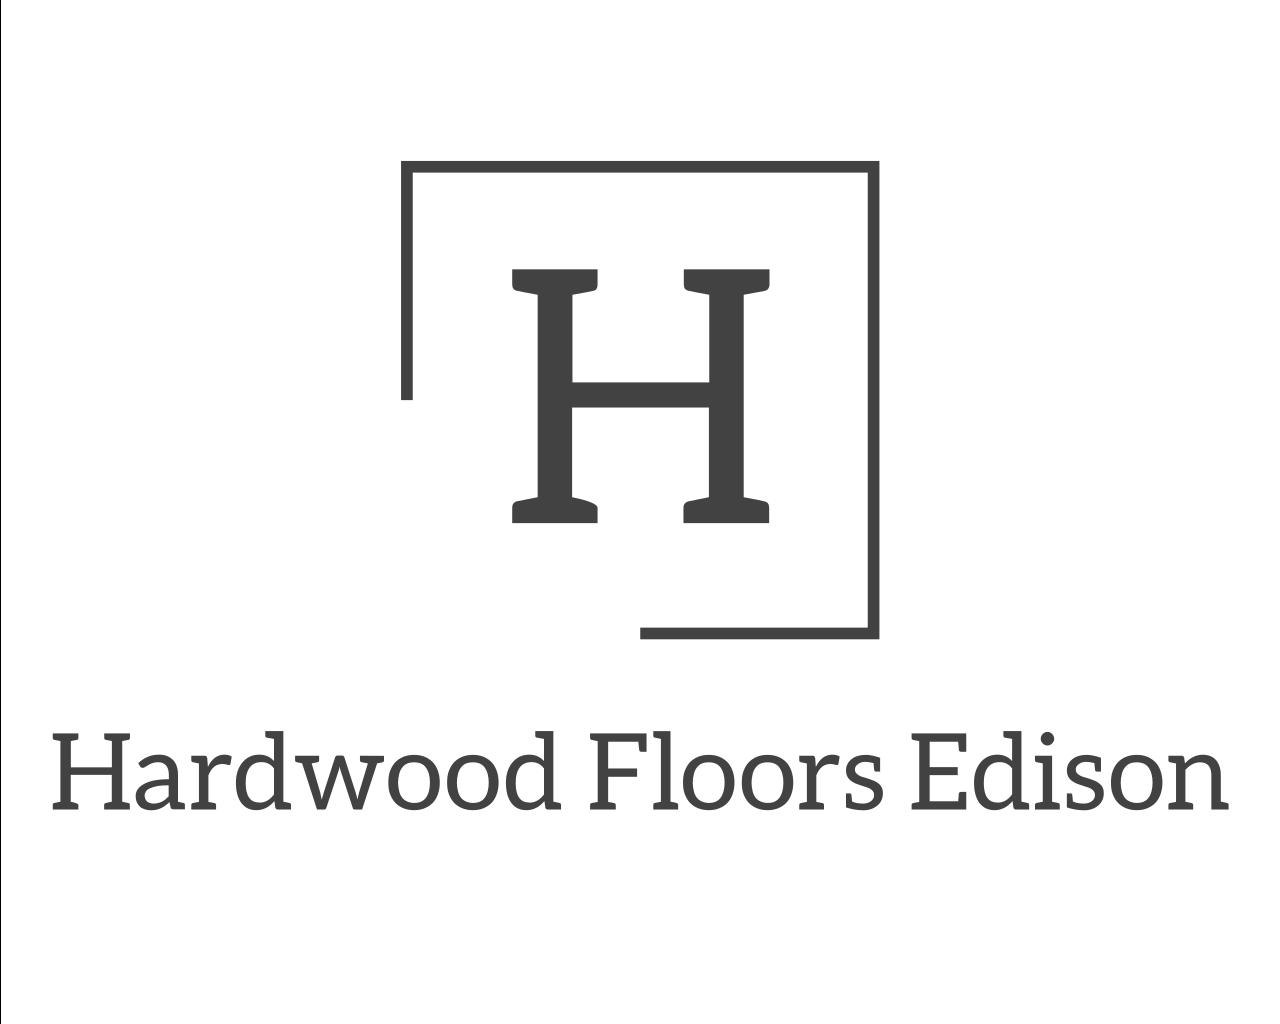 Hardwood Floors Edison